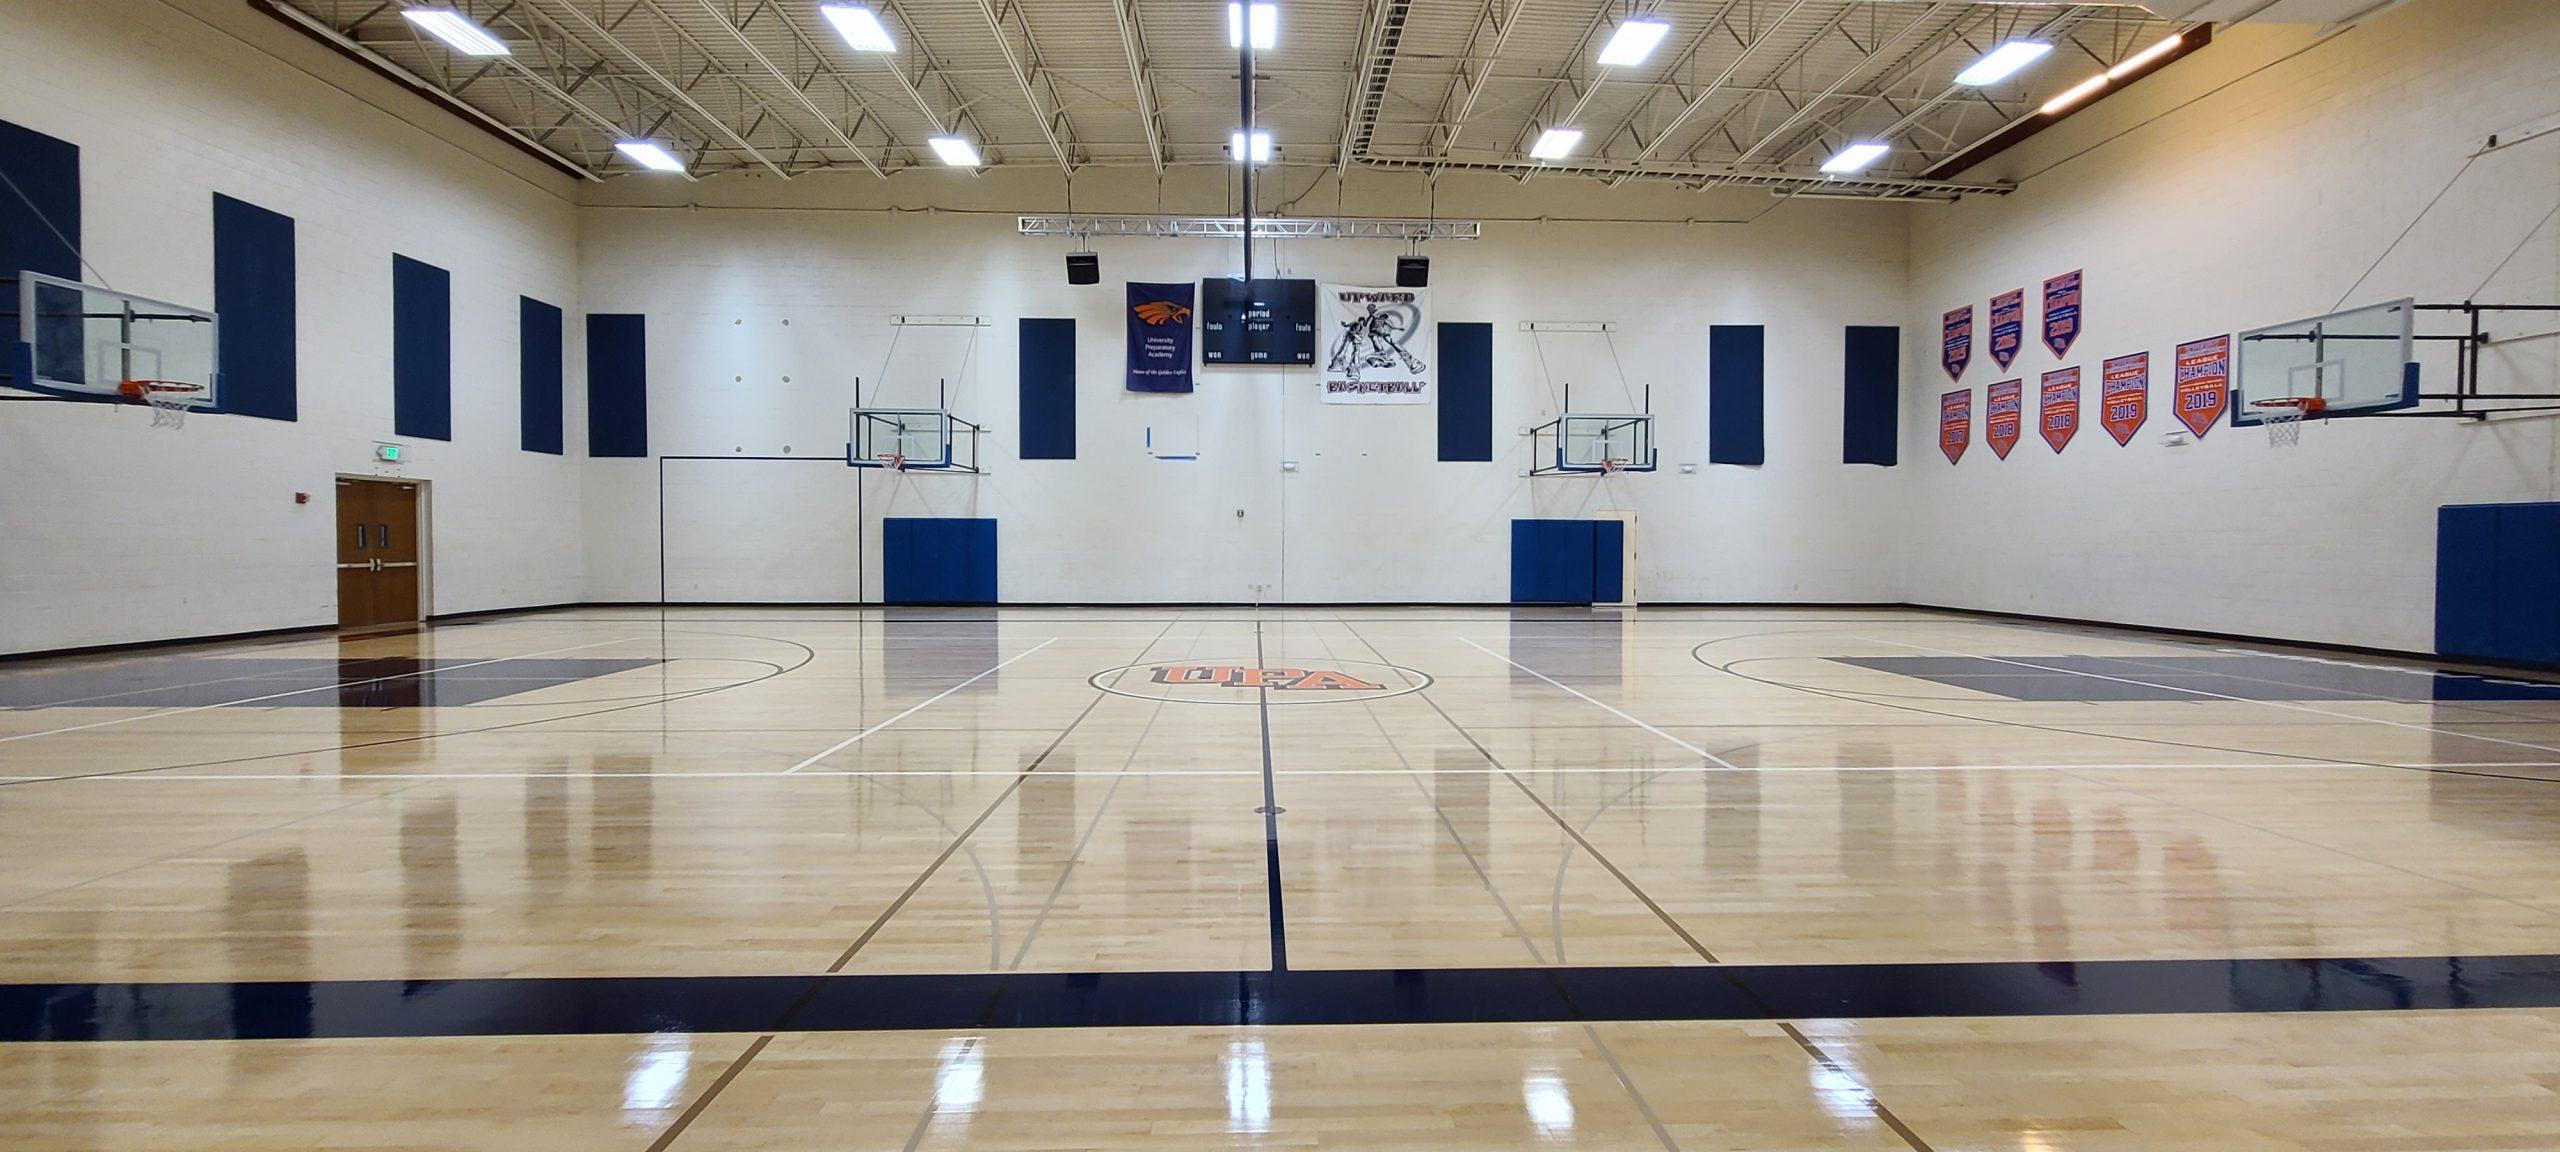 Sport Gym Hardwood Floors - San Jose Hardwood Floors